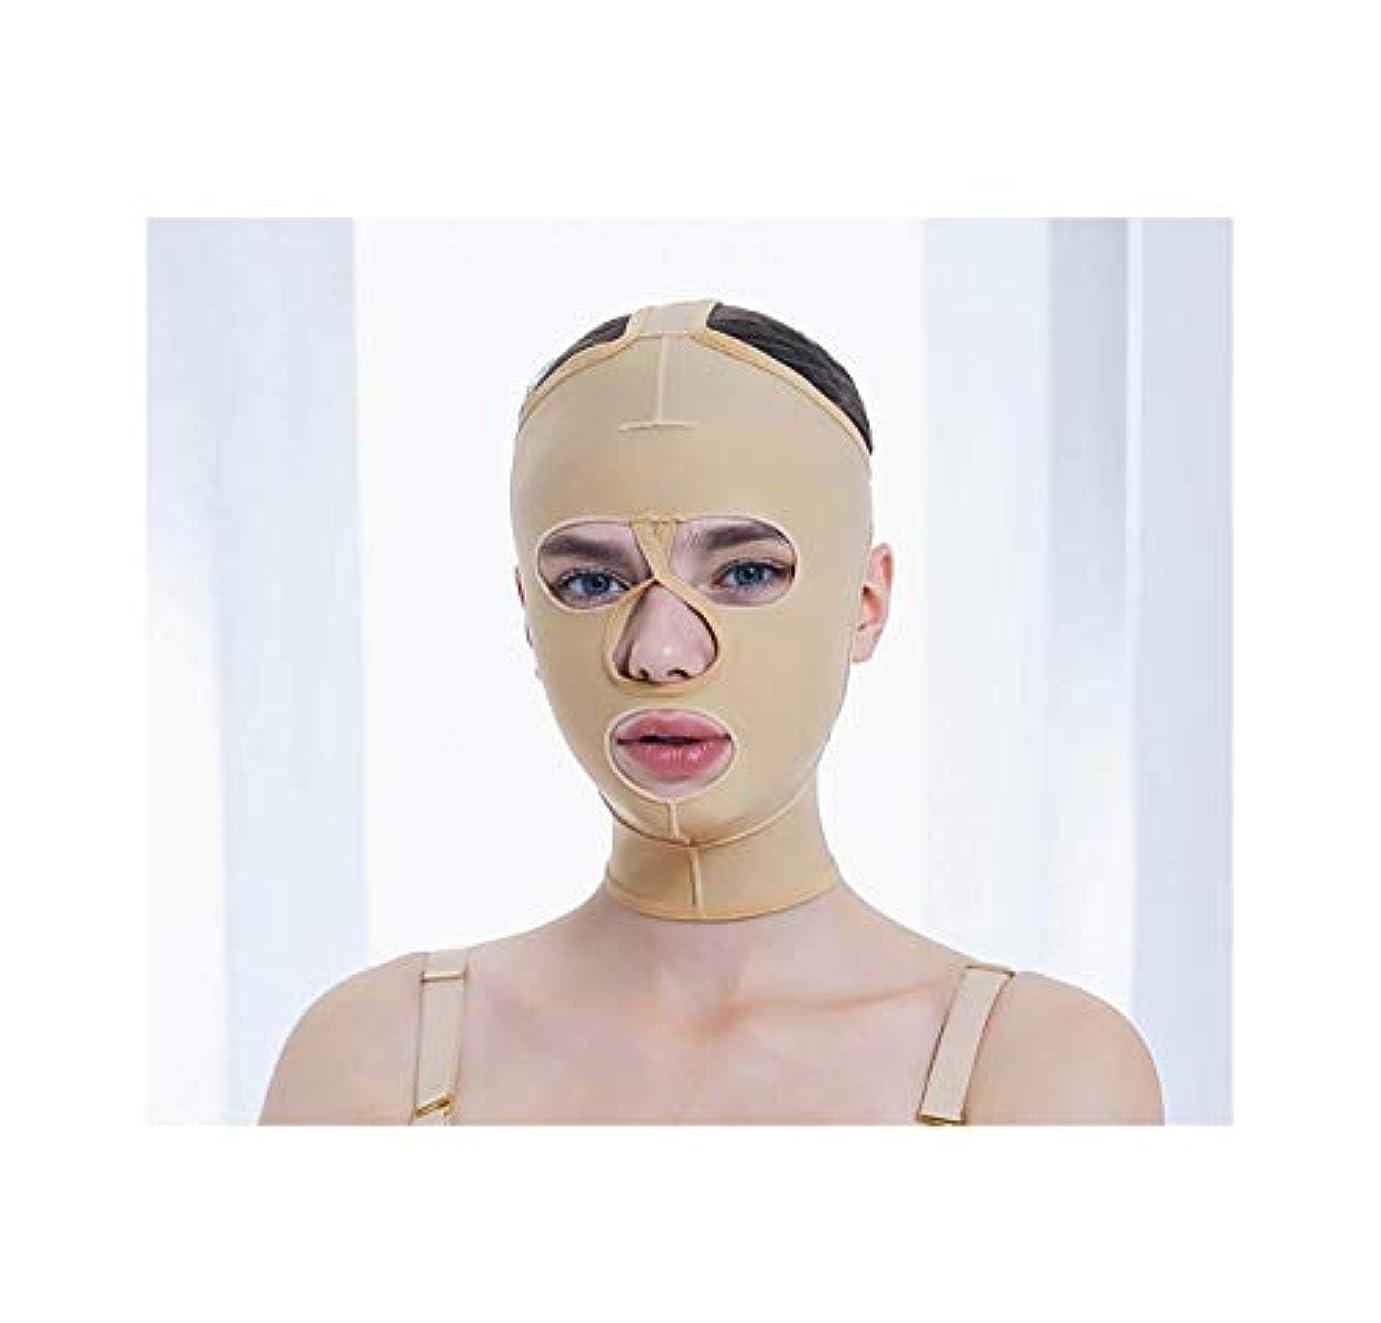 穀物フリンジ生きるフェイスアンドネックリフト、減量フェイスマスク脂肪吸引術脂肪吸引術シェーピングマスクフードフェイスリフティングアーティファクトVフェイスビームフェイス弾性スリーブ(サイズ:S)